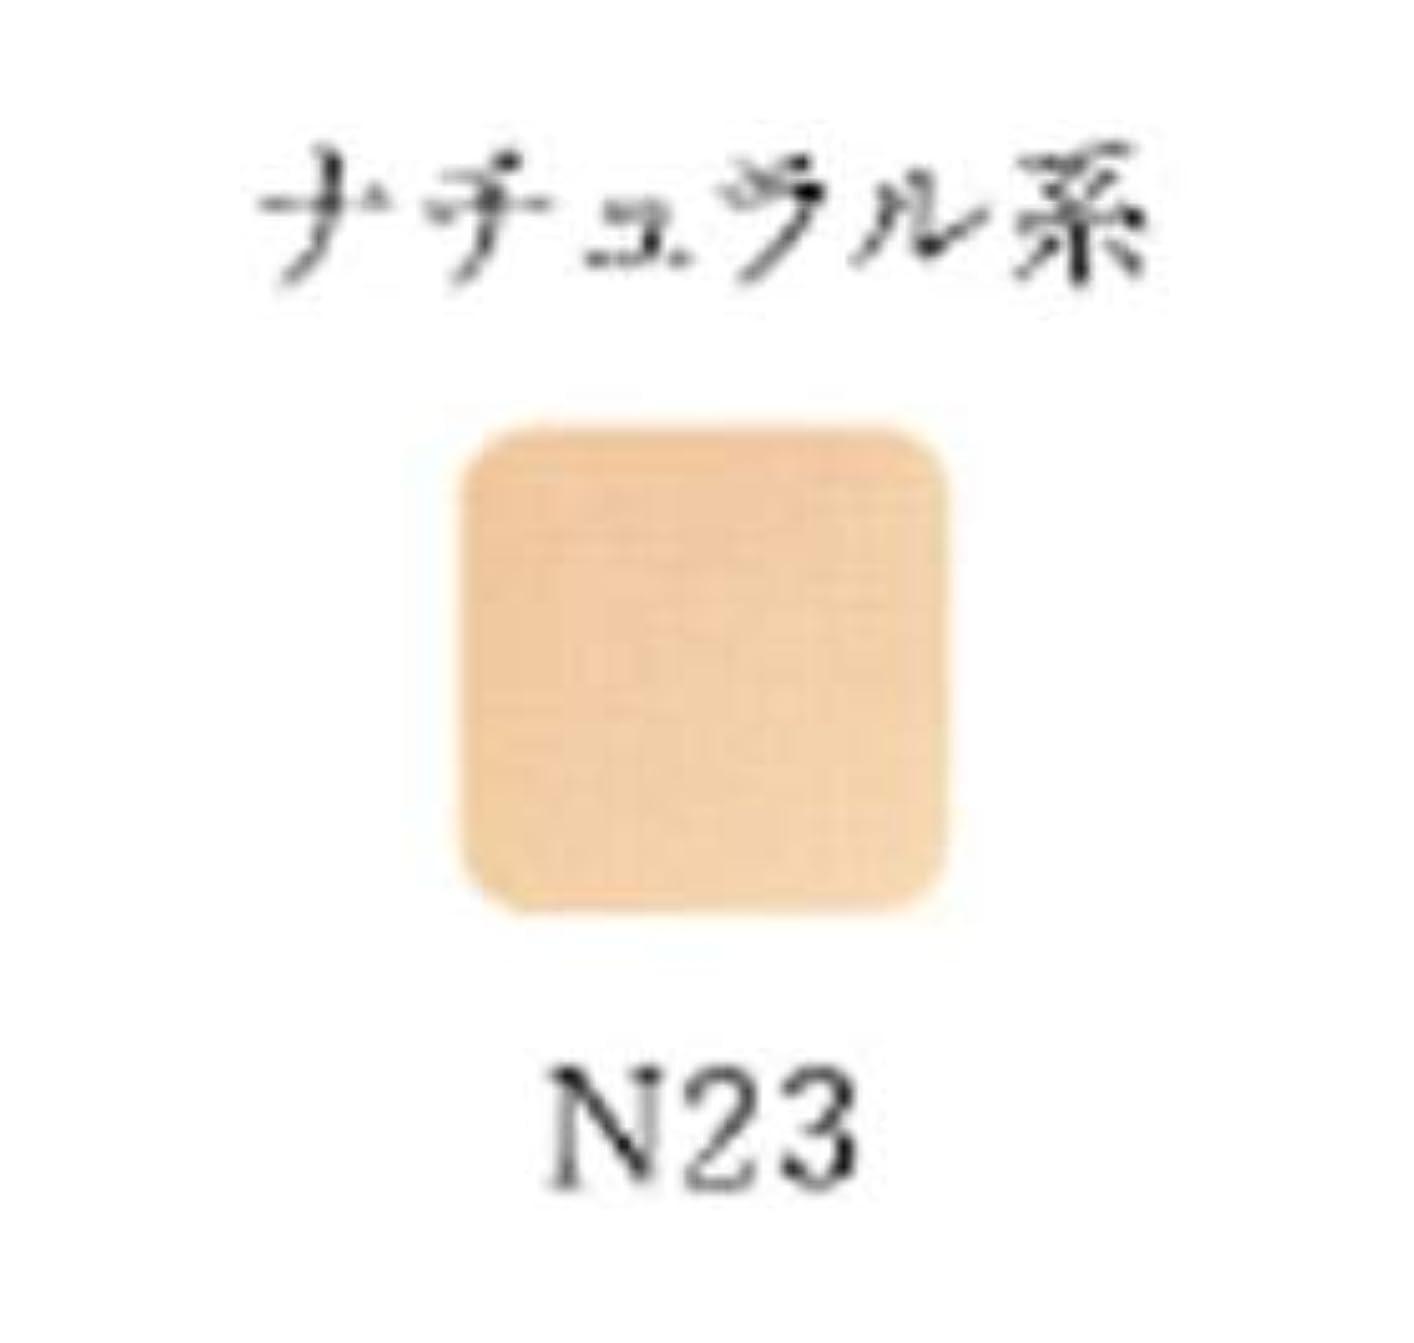 仕事に行く配管八オリリー パウダリーフィニッシュUV(2ウェイ)(リフィル) N23ナチュラル系<ケース別売>(14g)